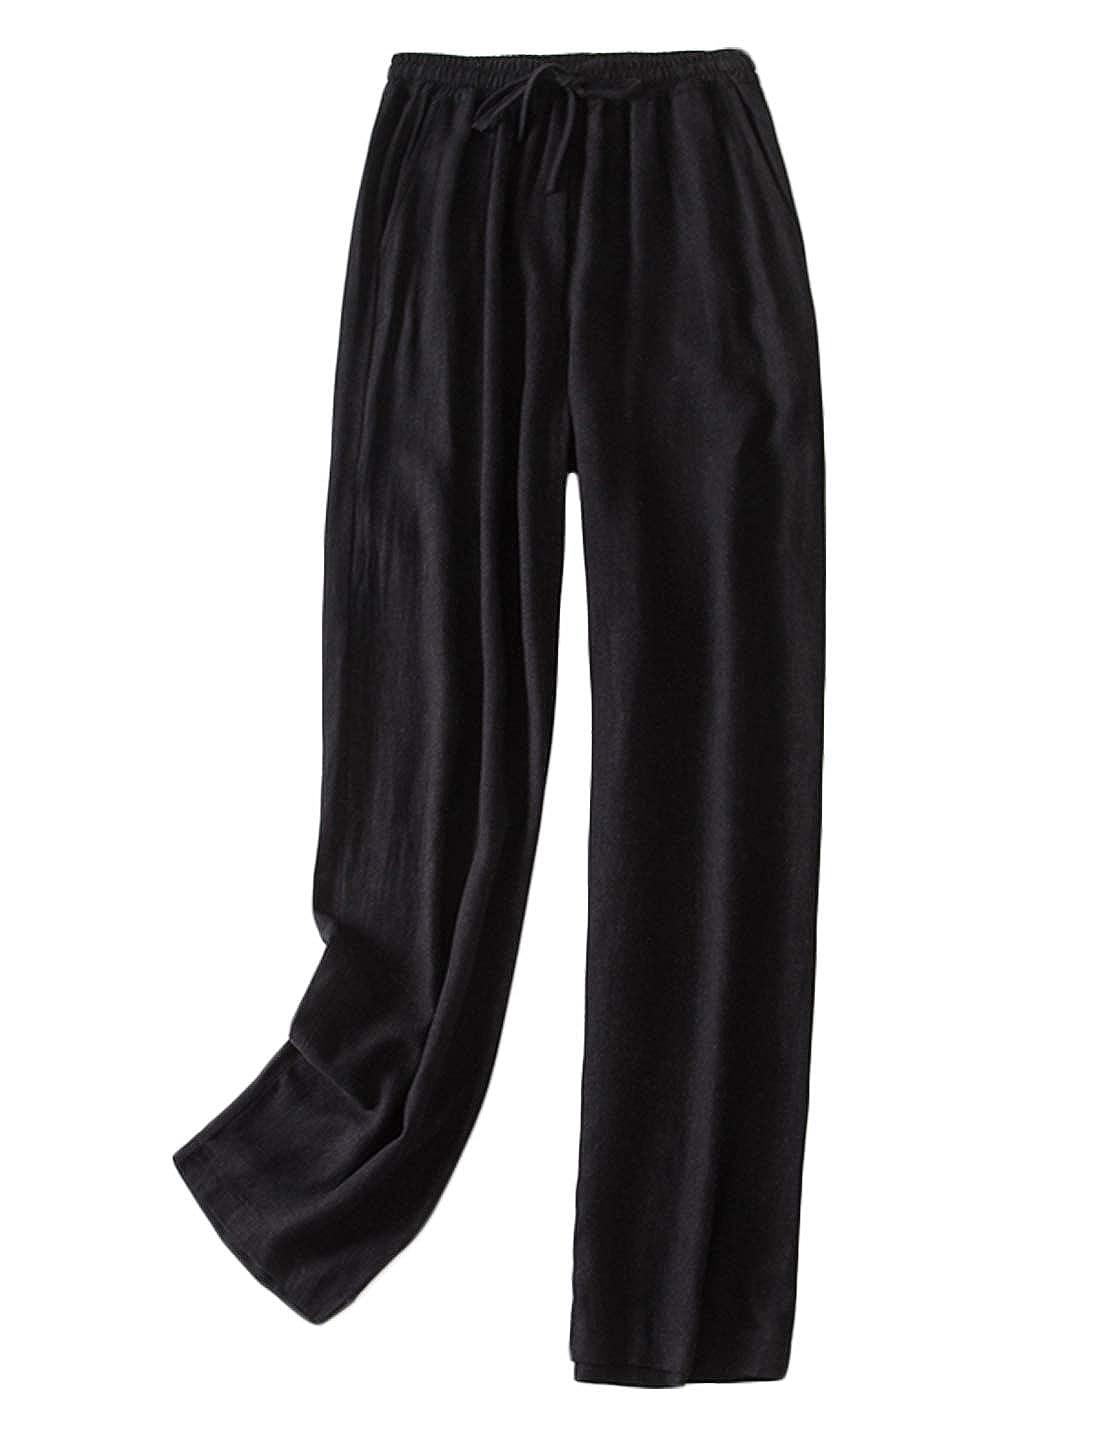 Black Jenkoon Women's RelaxedFit Linen Pants Wide Leg Long Palazzo Trousers